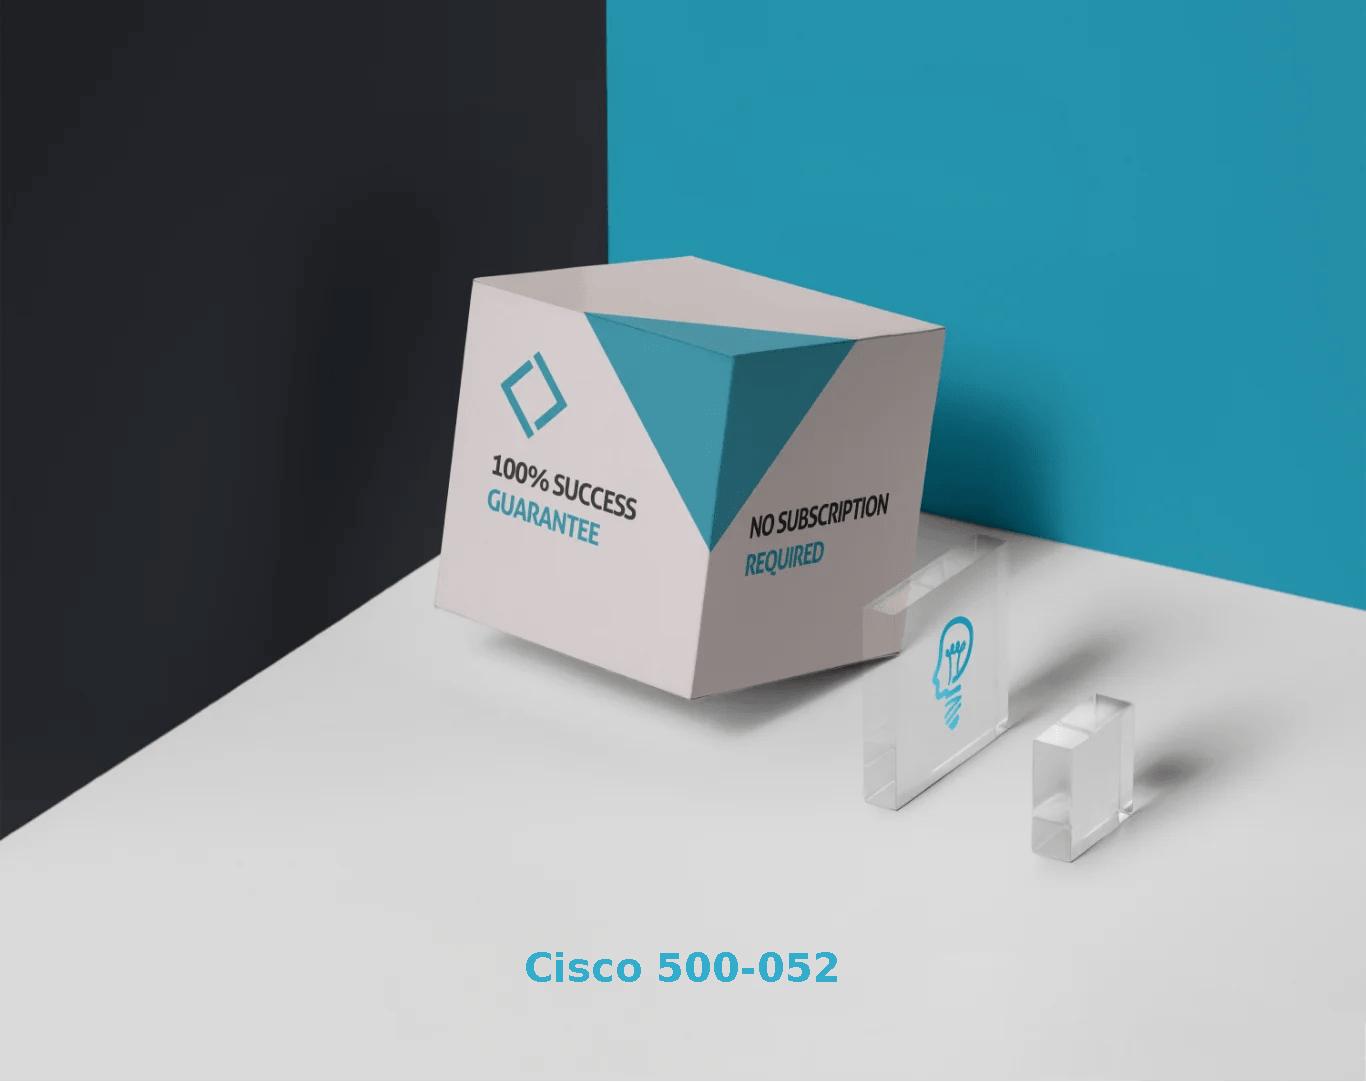 500-052 Dumps